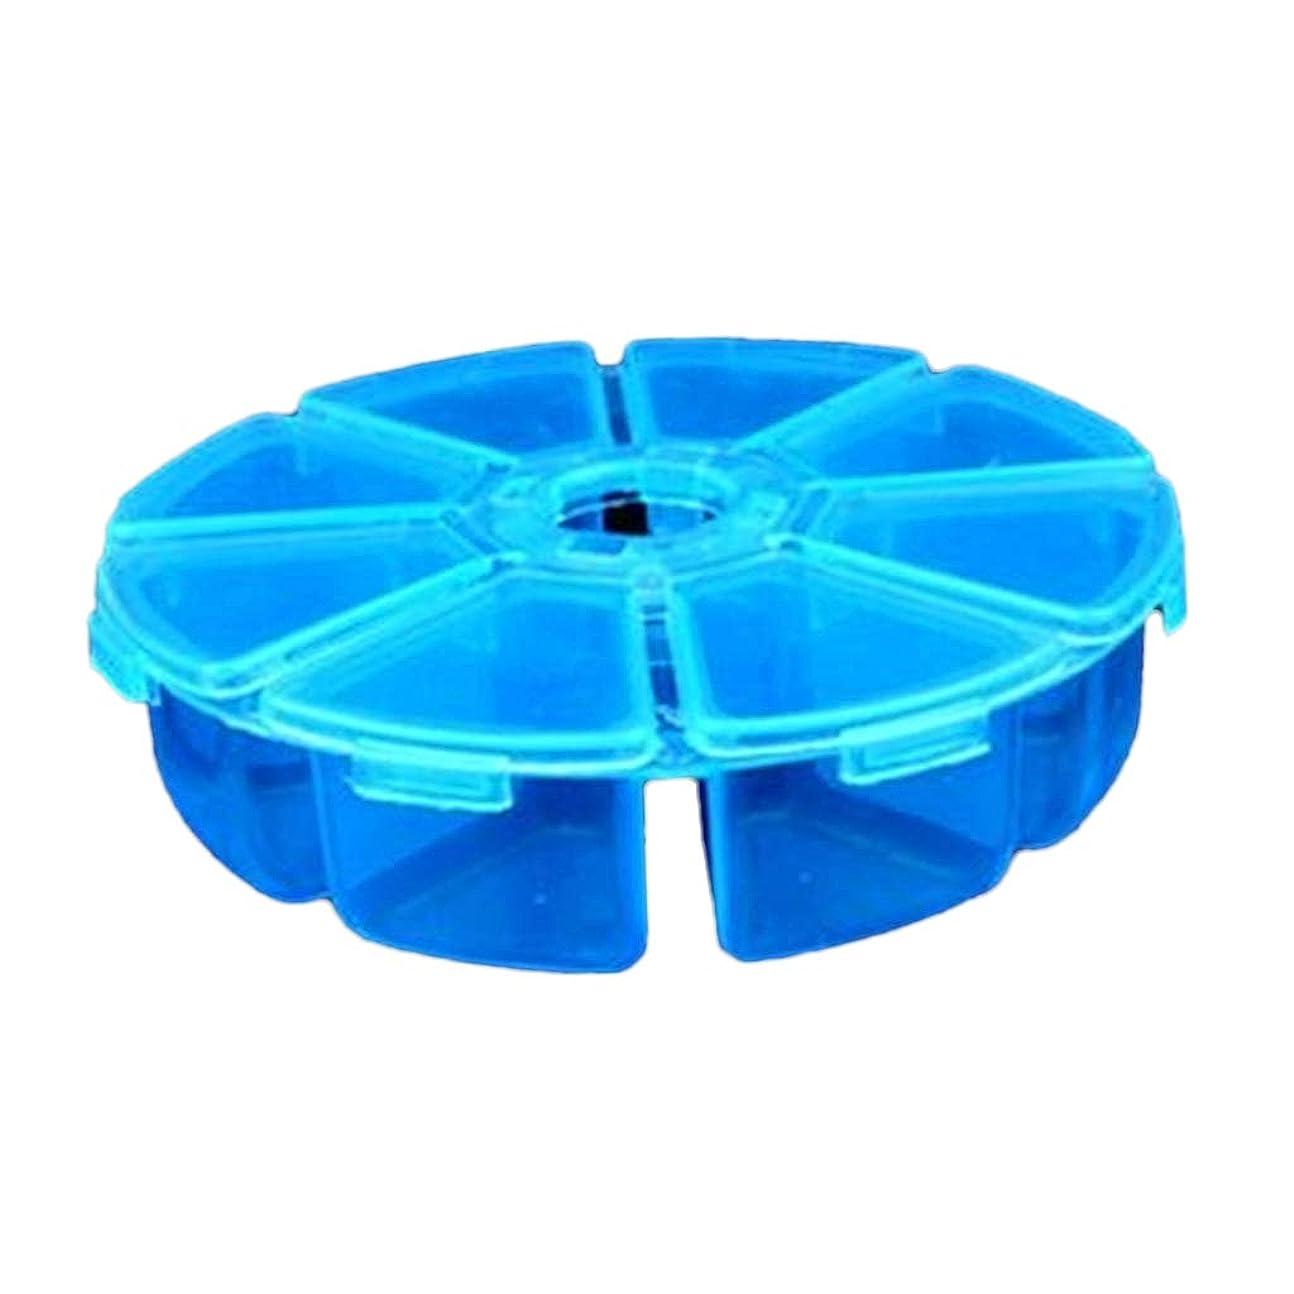 ブルーベル裕福なローストネイルアート 収納ボックス 大容量 透明 8コンパートメント パーツ入れ 小物入れ プラスチック 全4色 - ブルー